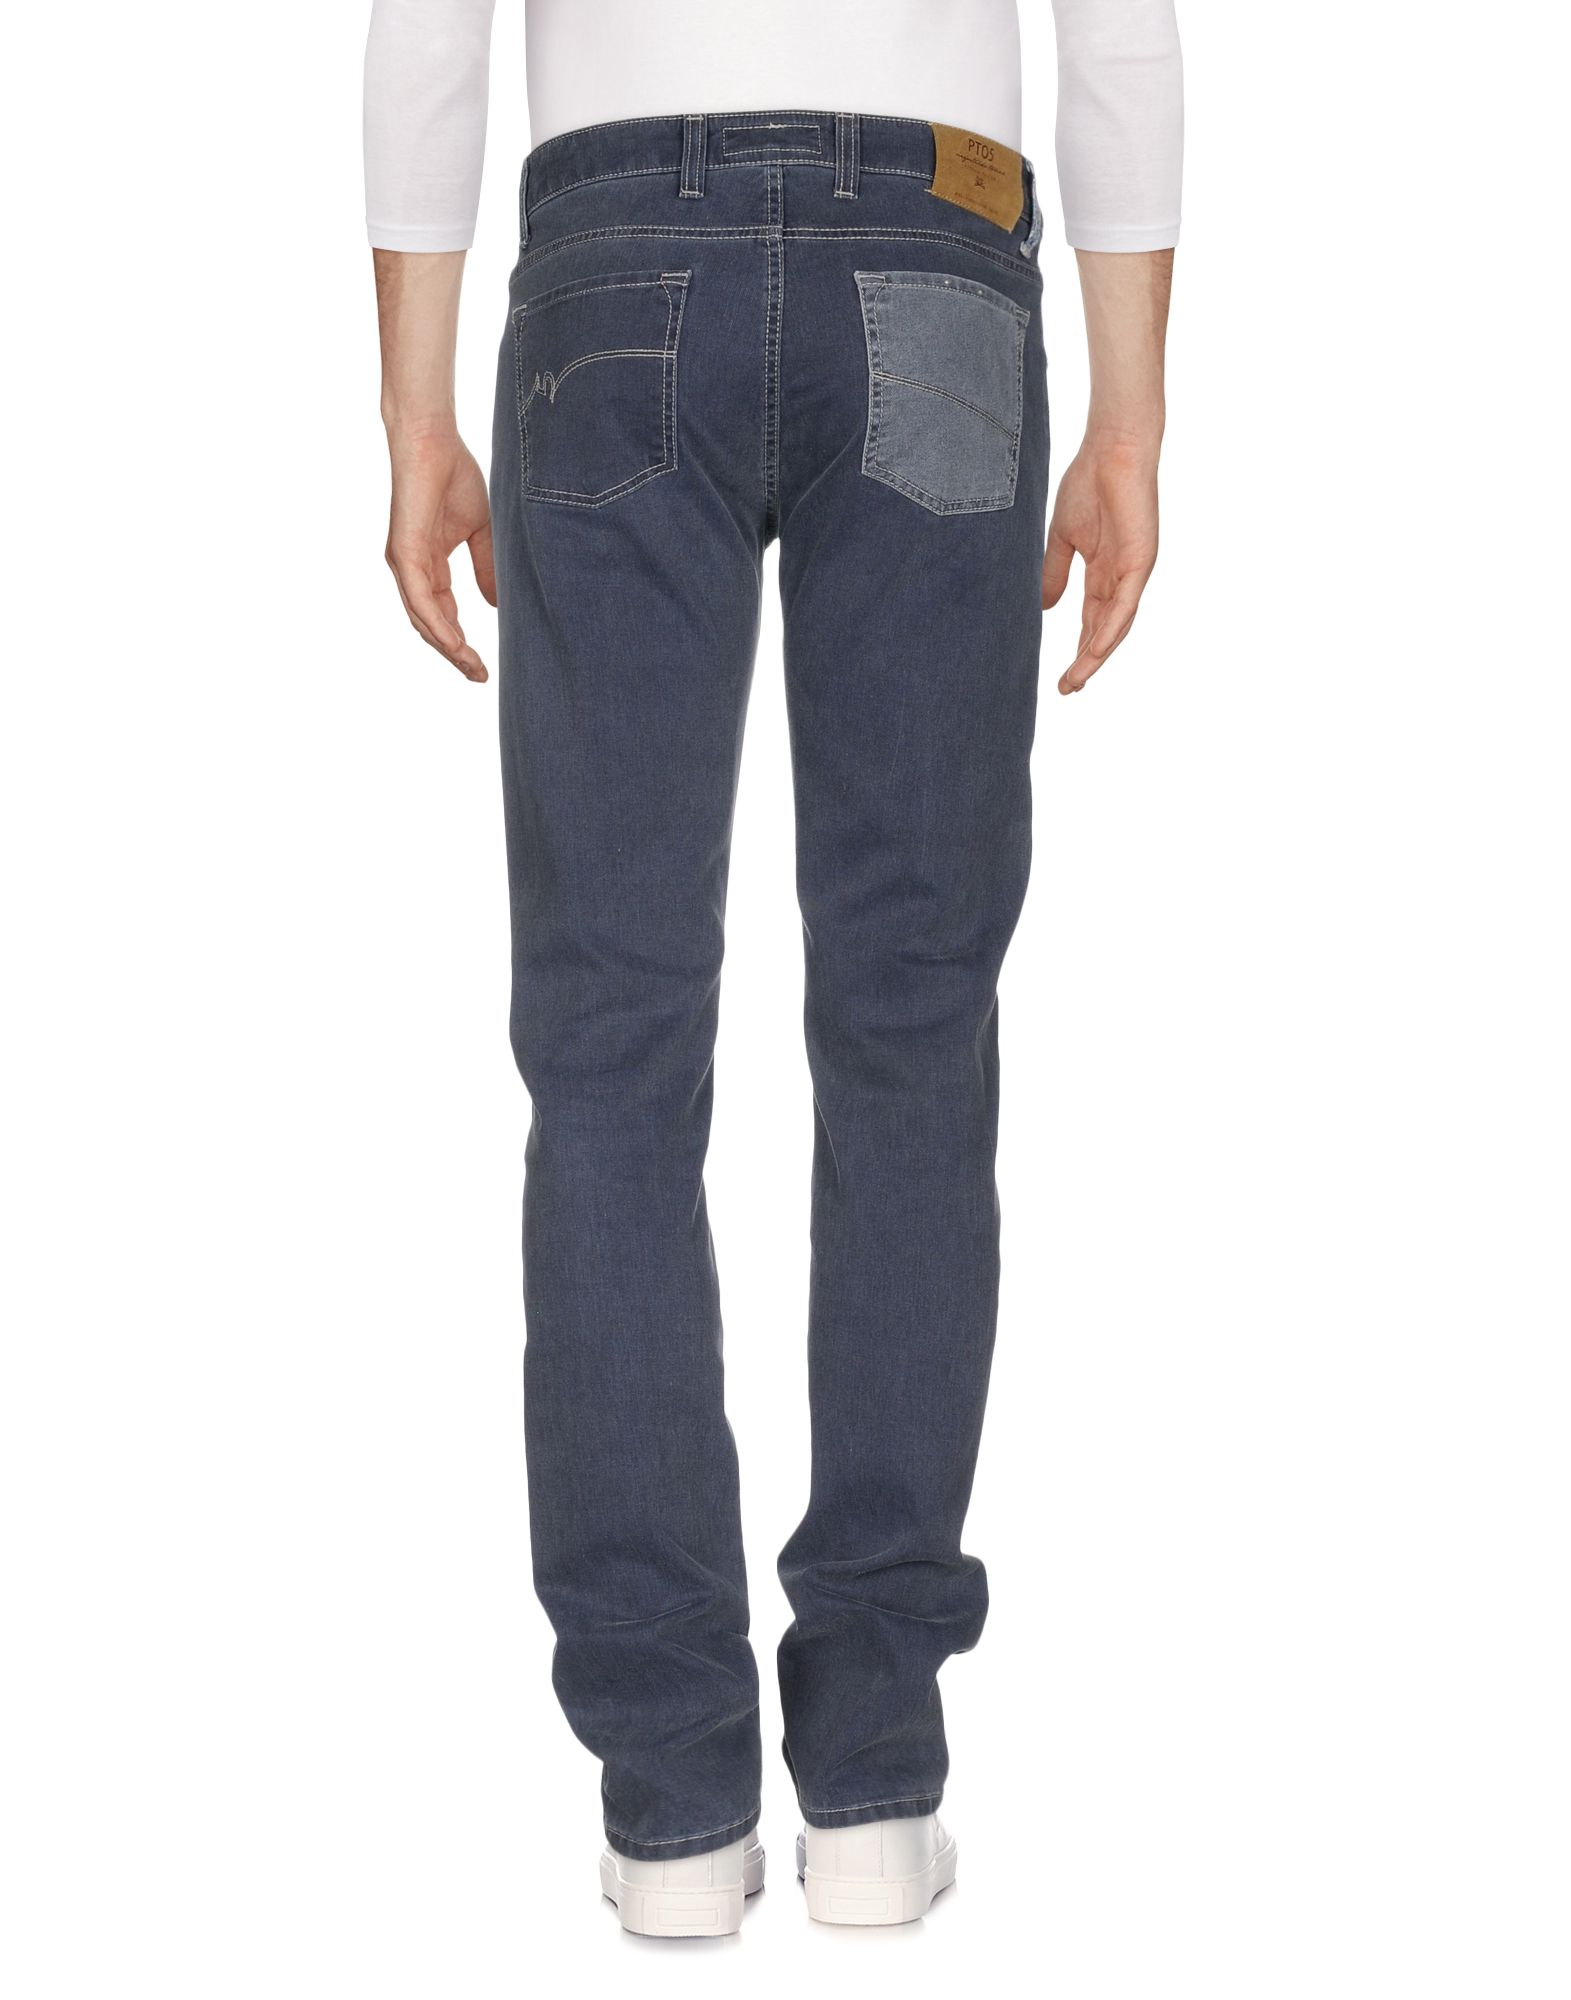 Pantaloni Jeans Pt05 Uomo Uomo Pt05 - 42645527IK 790890